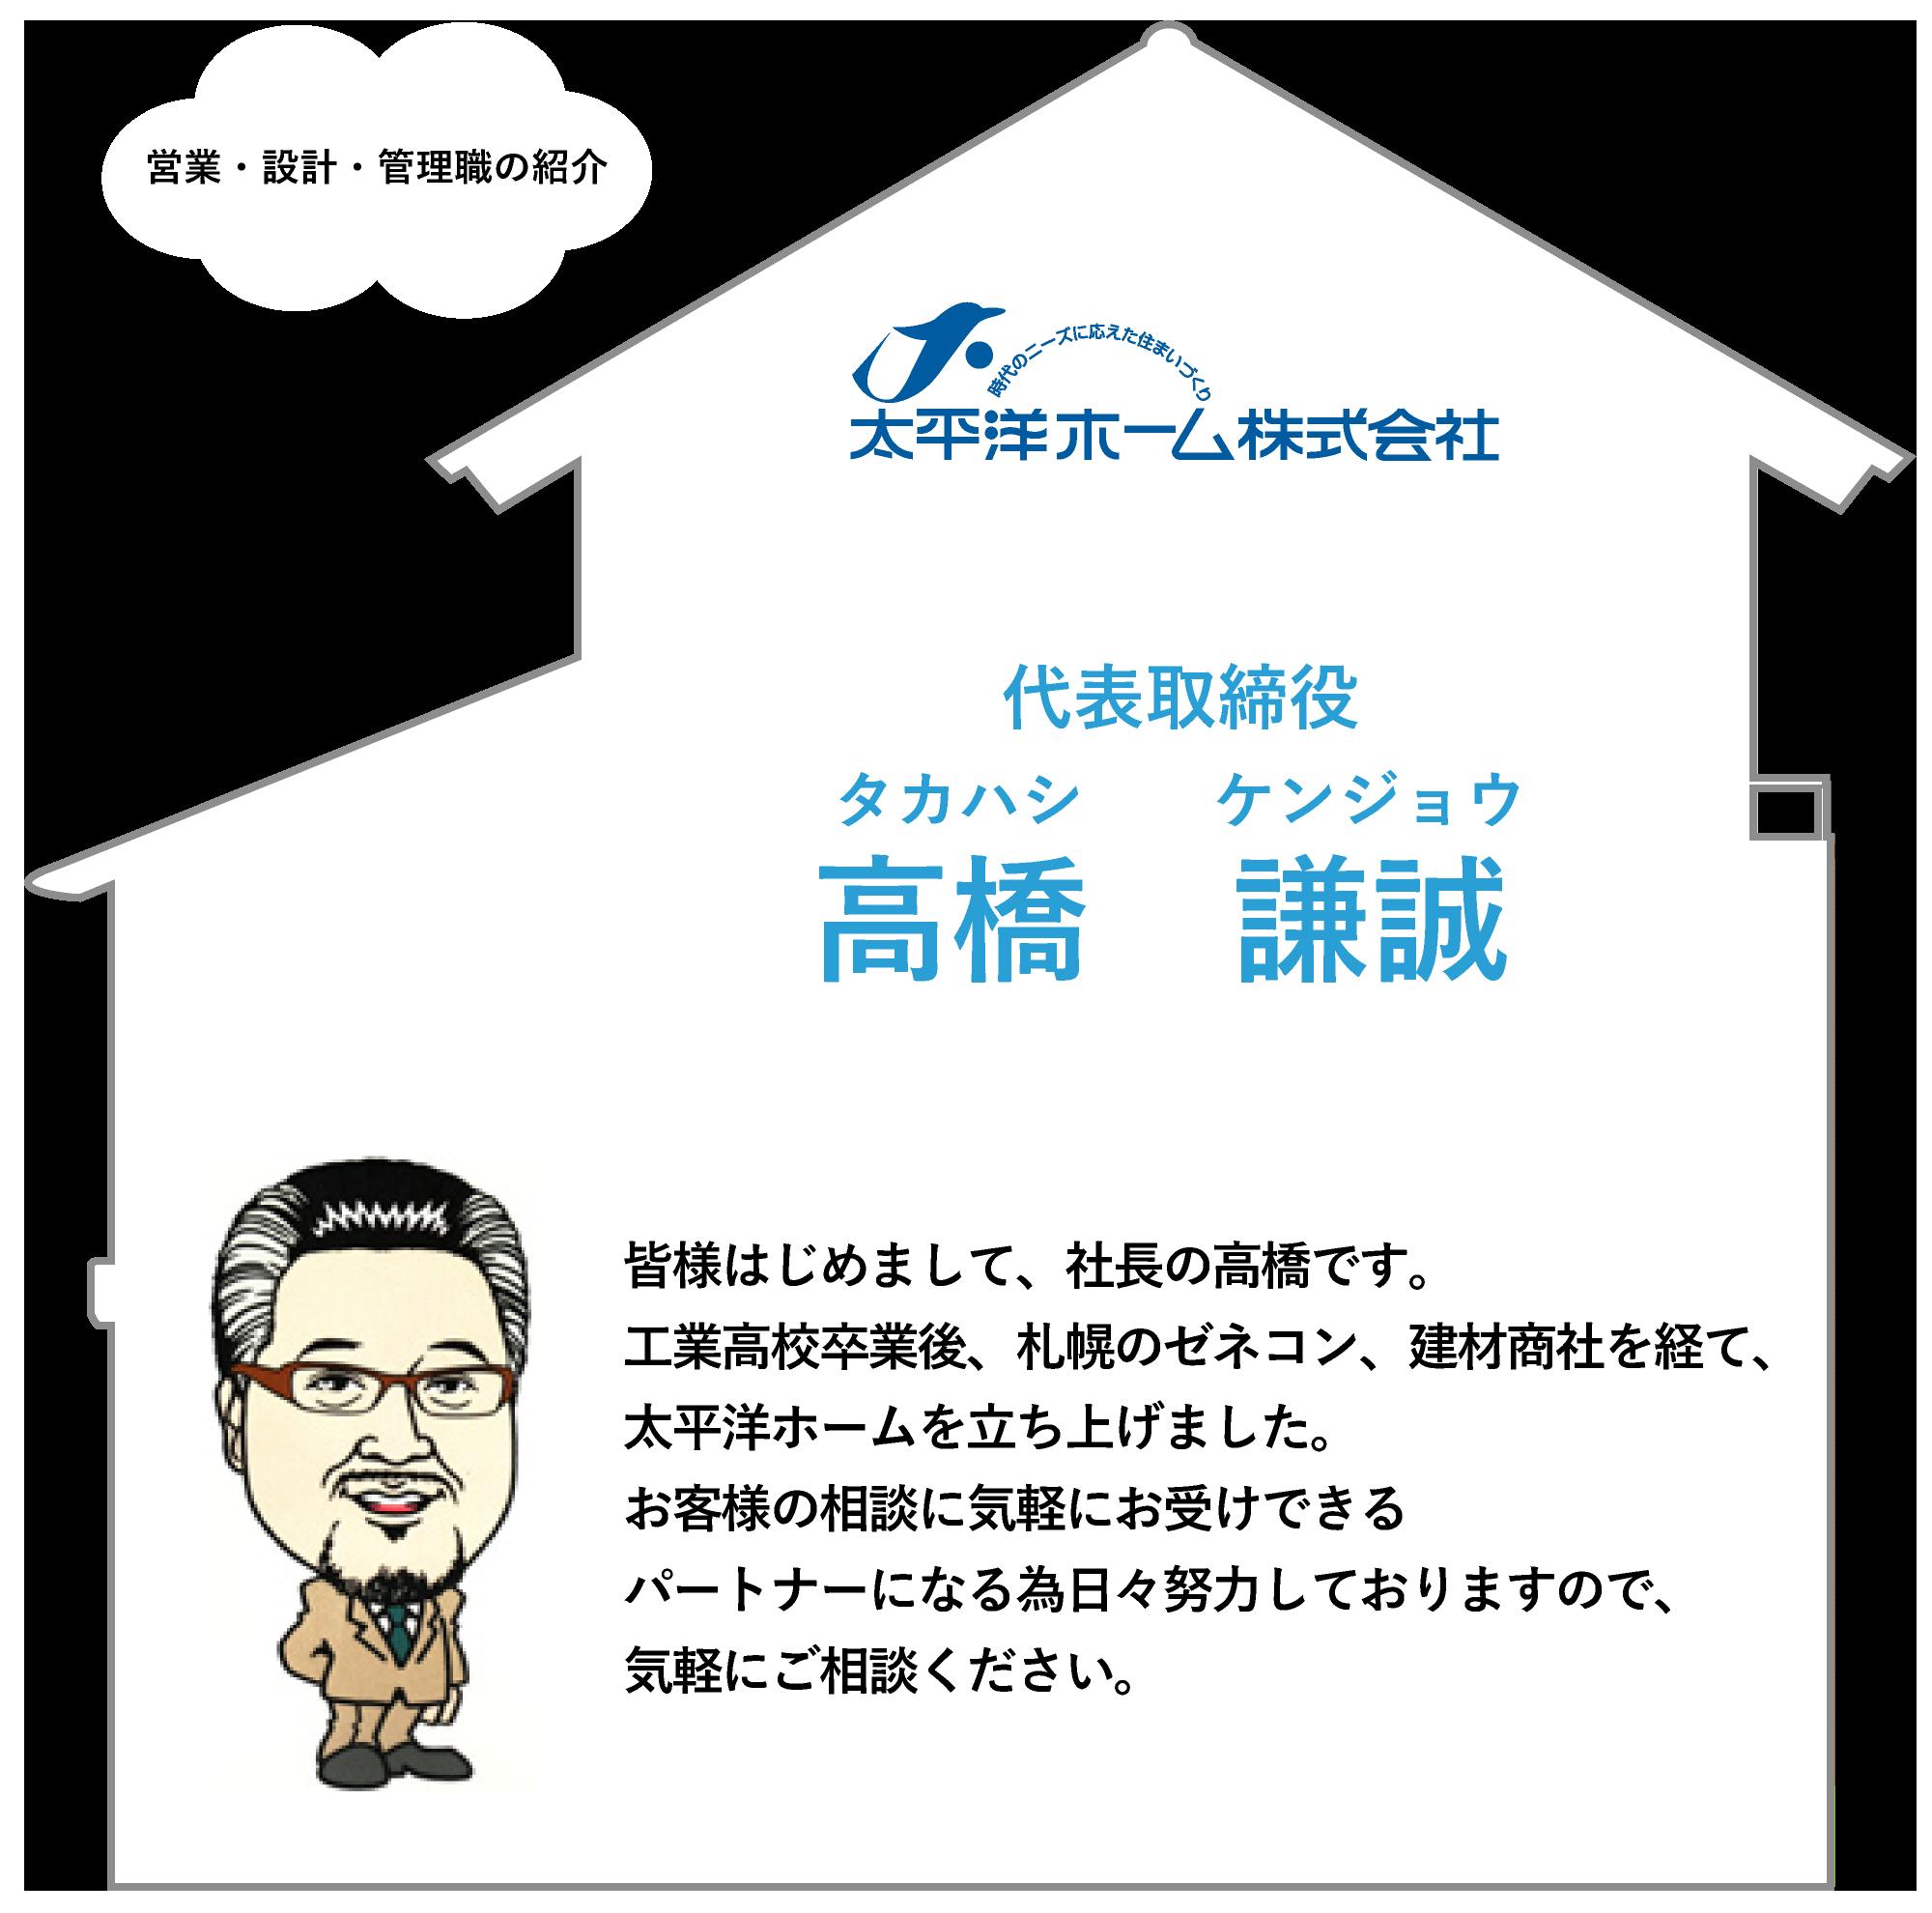 スタッフ紹介02